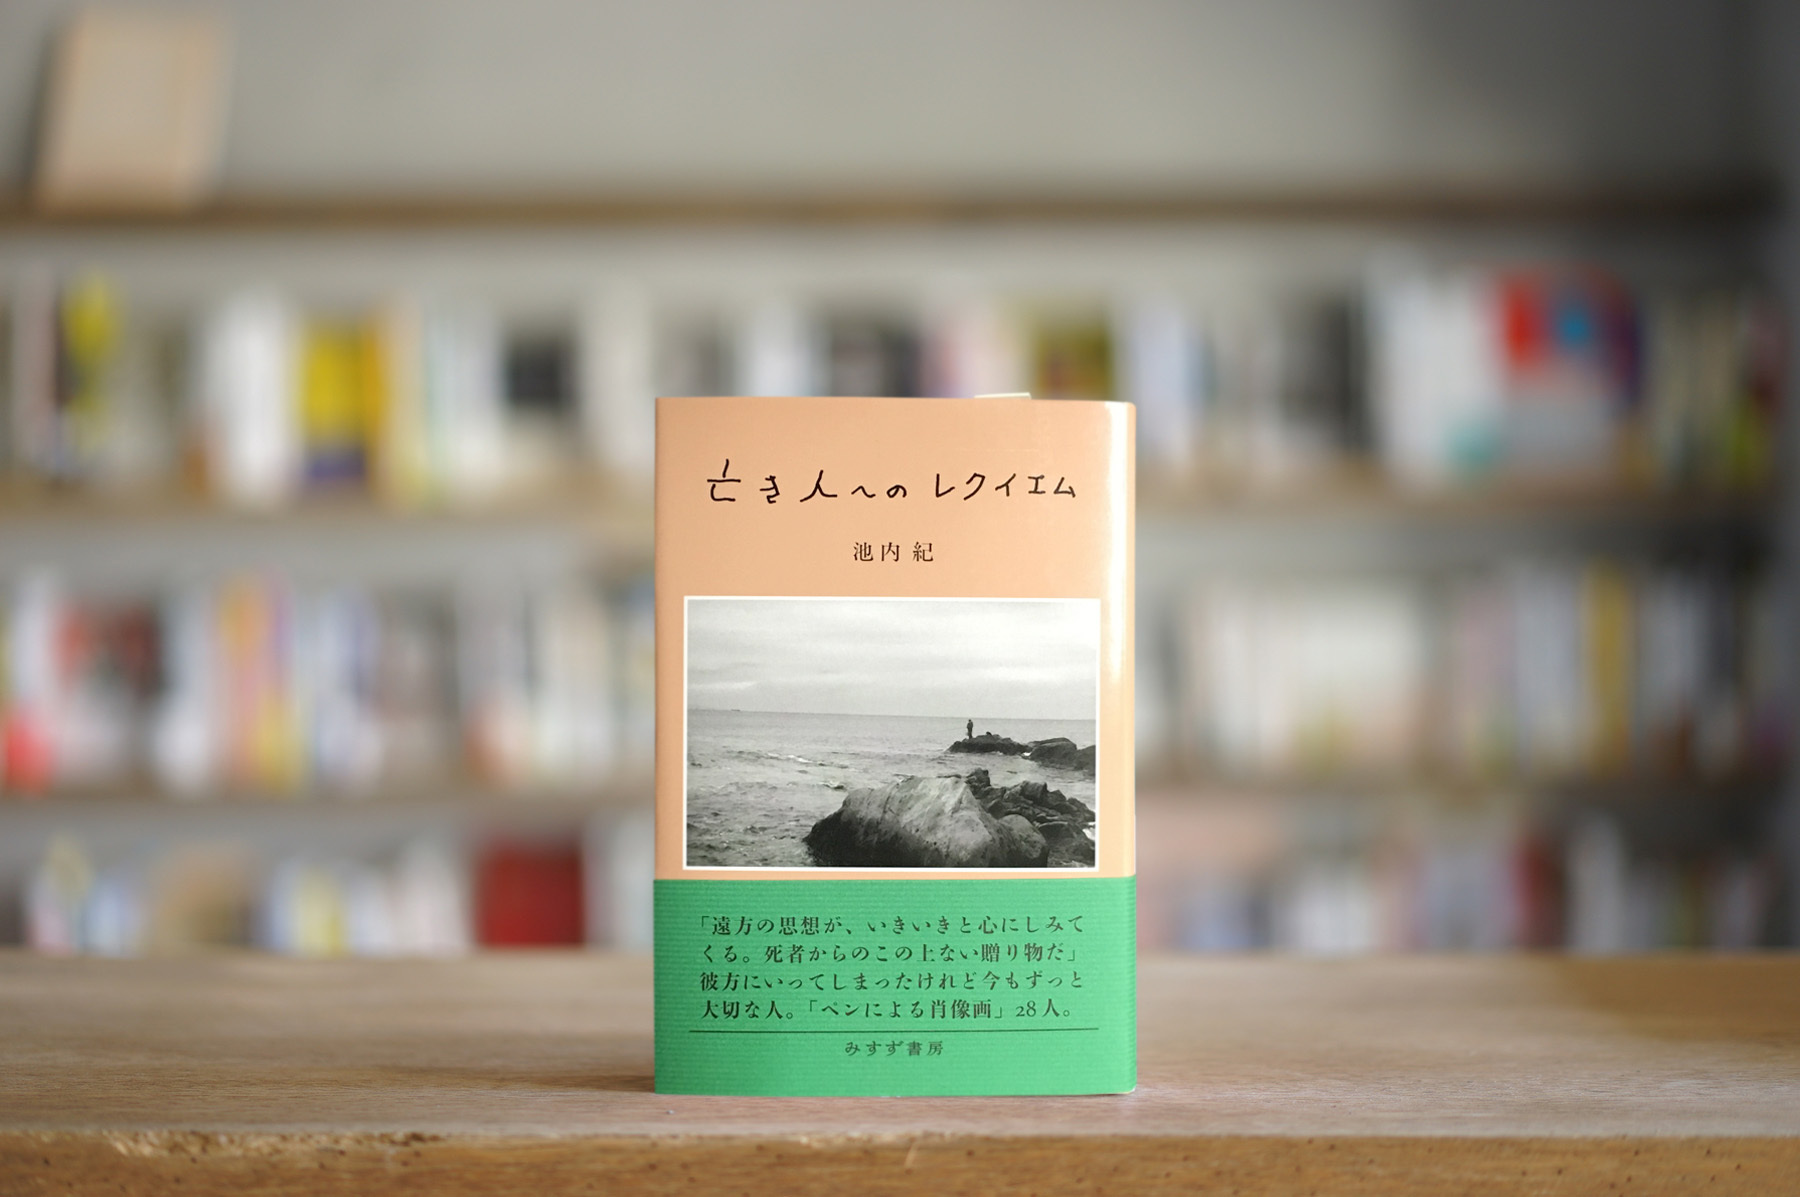 池内紀 『亡き人へのレクイエム』 (みすず書房、2016)